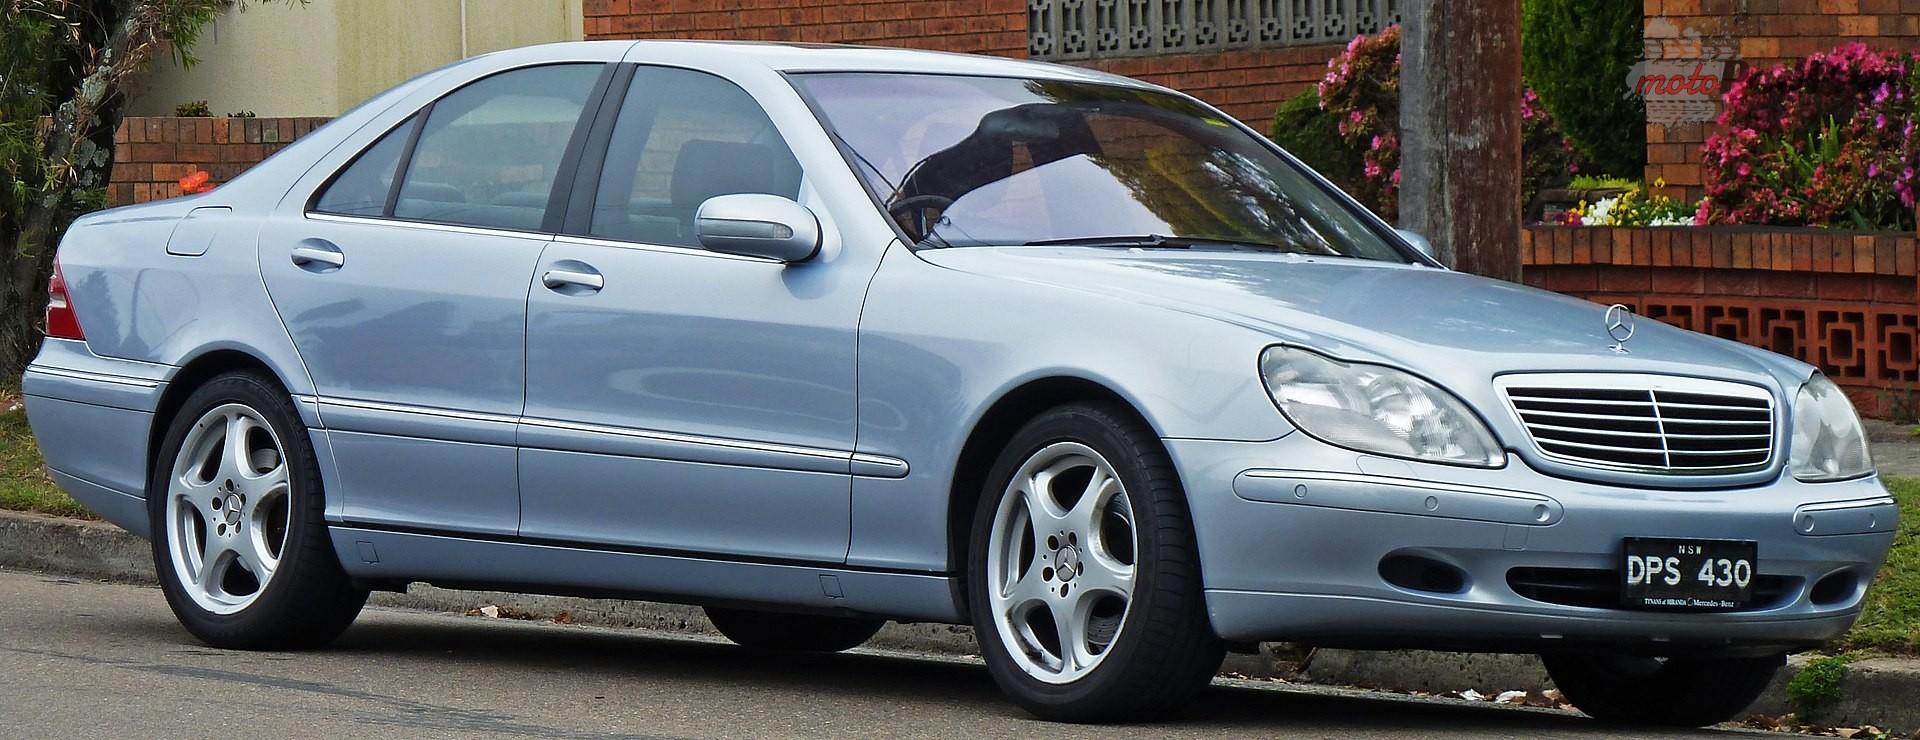 1920px 2001 Mercedes Benz S 430 W 220 sedan 2010 09 23 01 Piękni dwudziestoletni: modele, które kończą w tym roku 20 lat